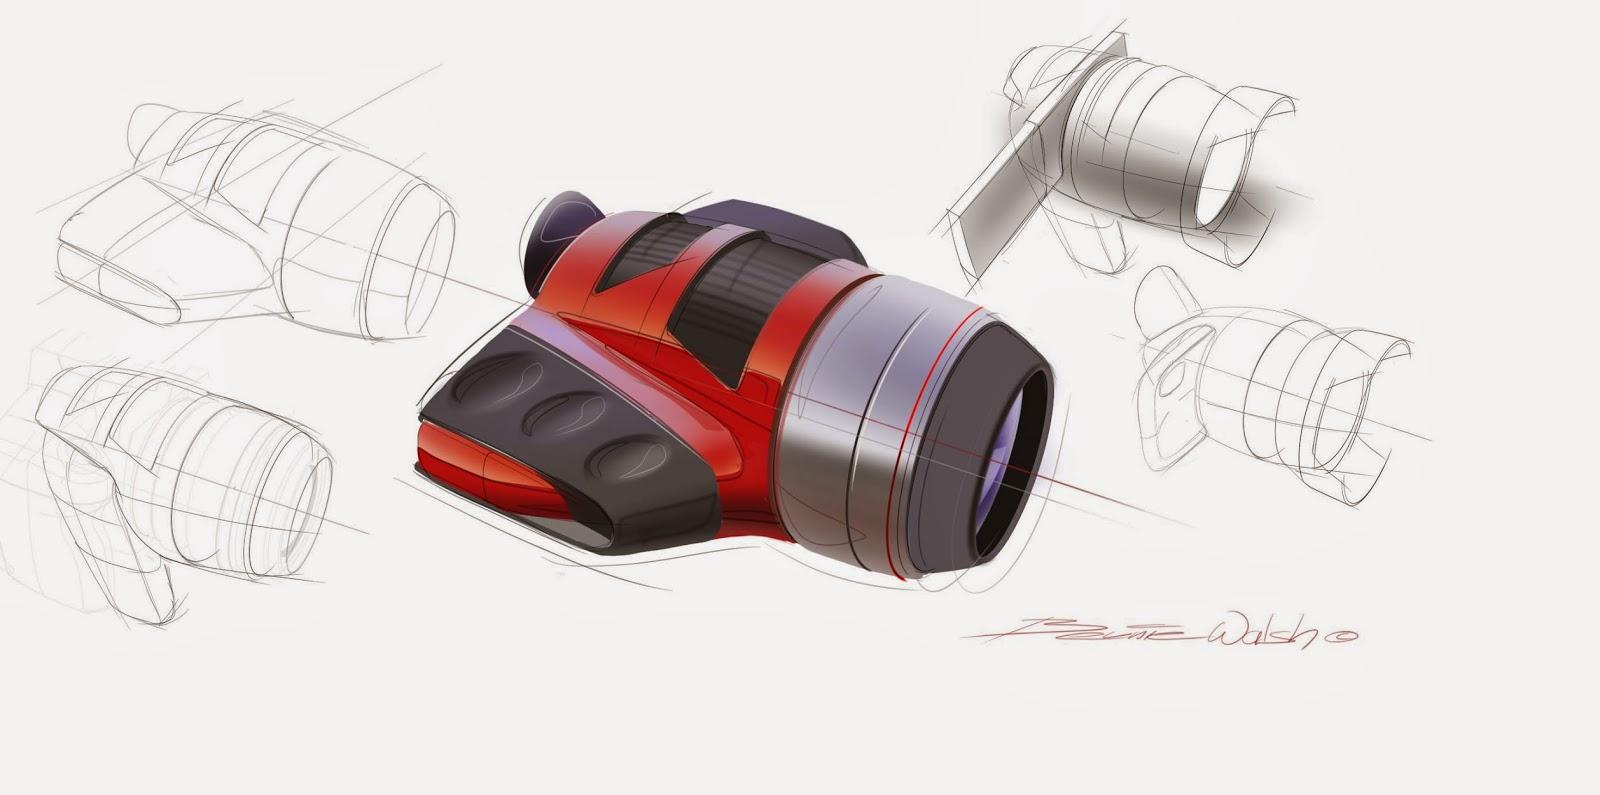 Autodesk sketchbook 14